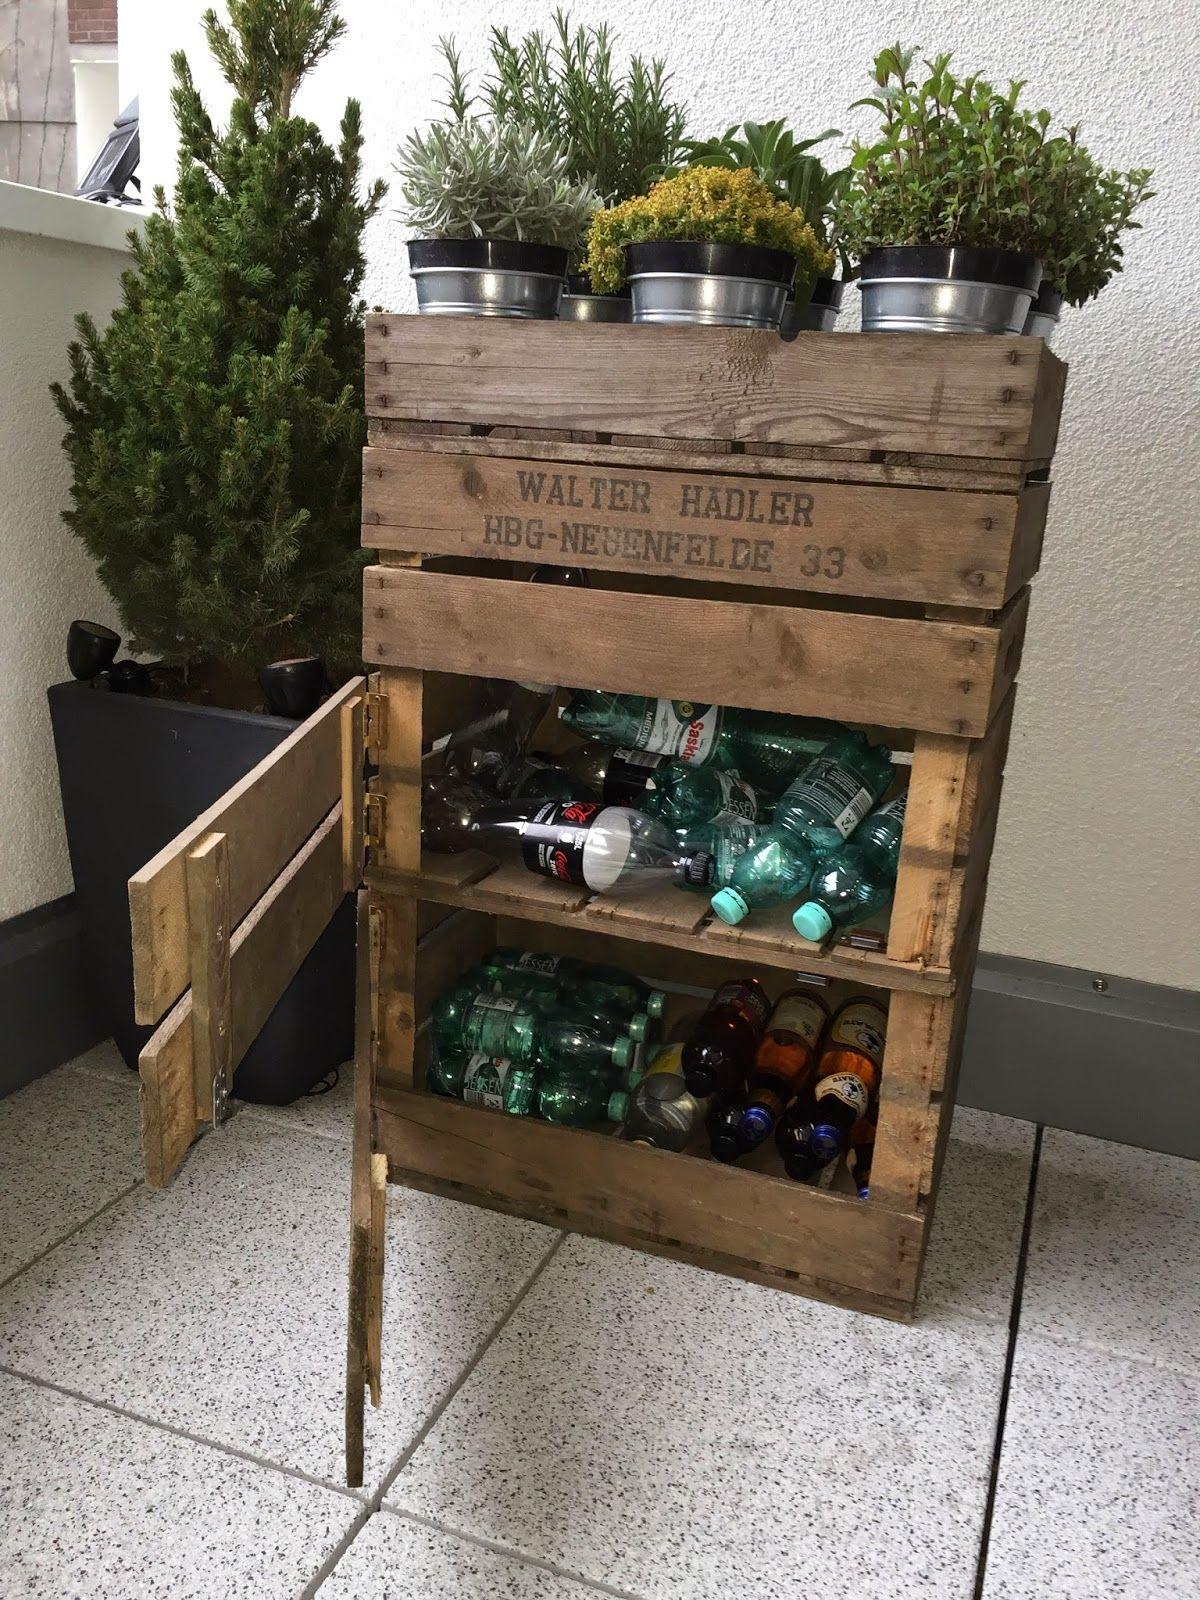 Holzmöbel design  einzelteil] IV: Flaschenlager